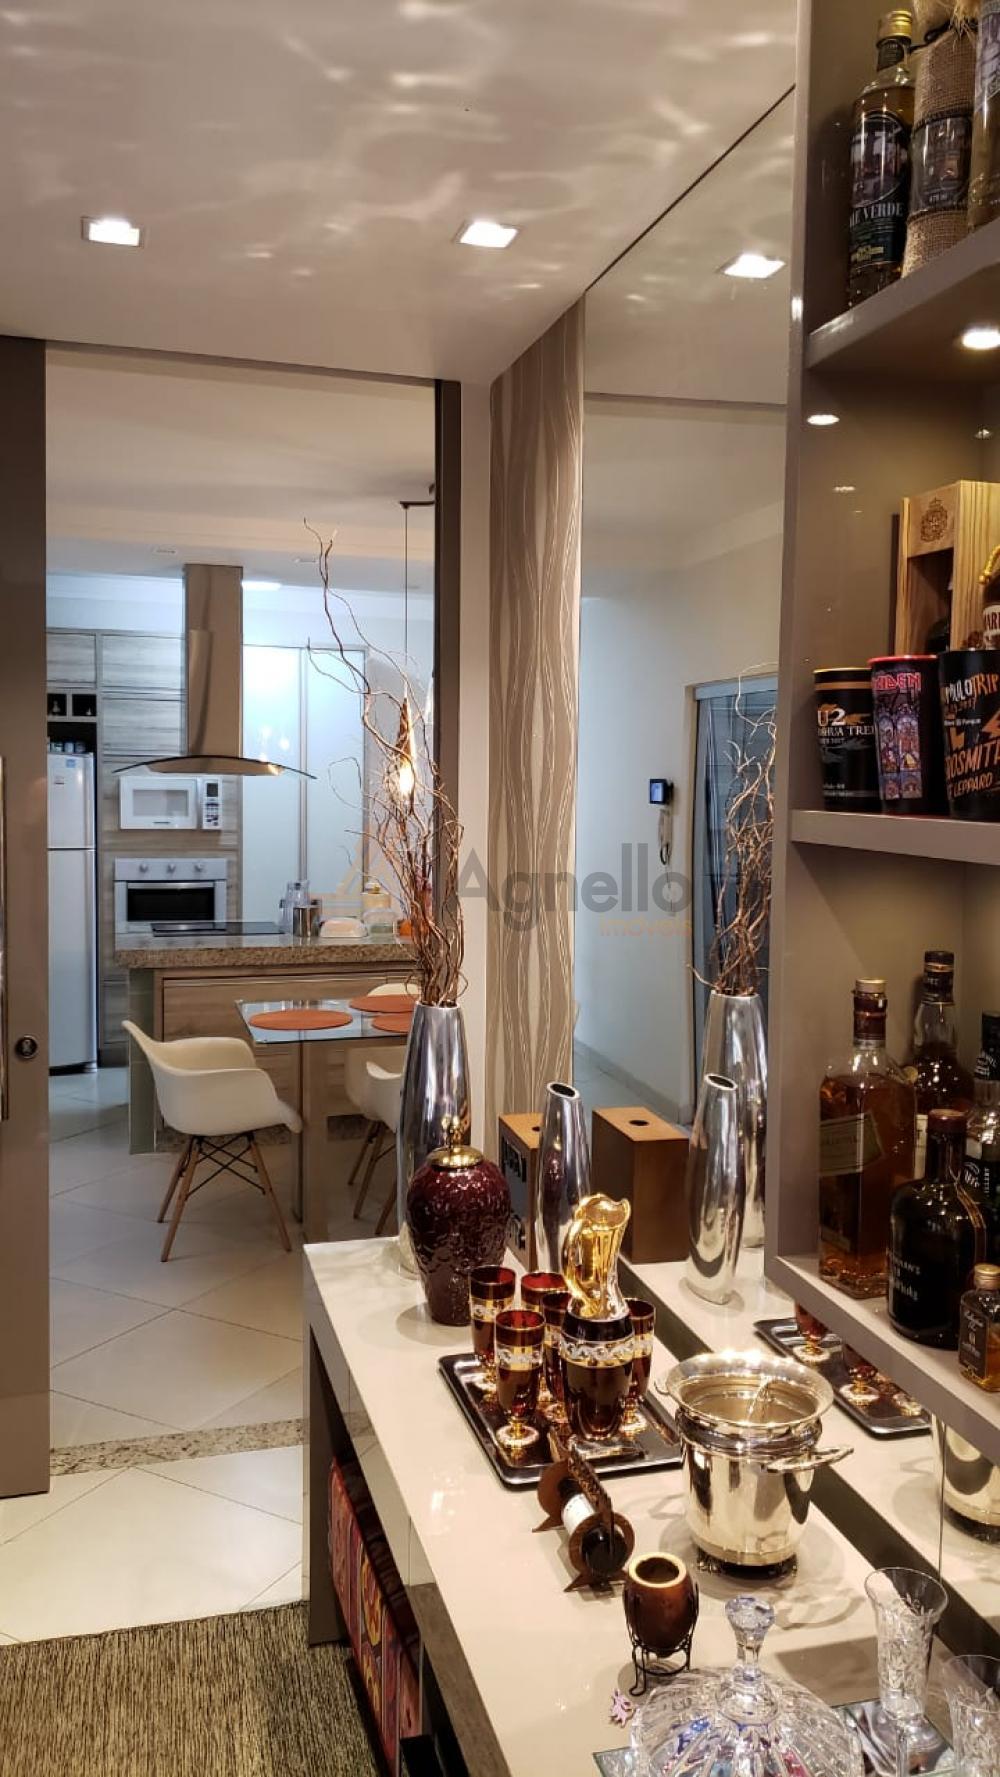 Comprar Casa / Padrão em Franca apenas R$ 350.000,00 - Foto 6